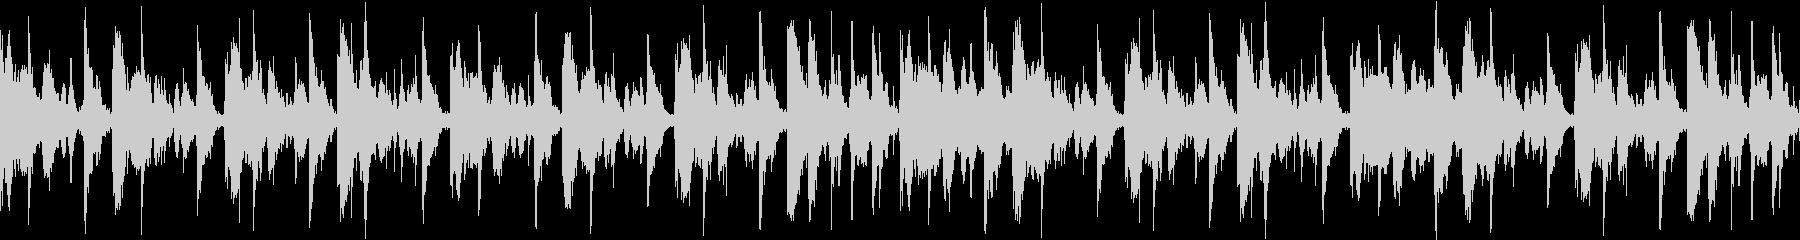 ドライなドラムサウンドのループ用BGMの未再生の波形